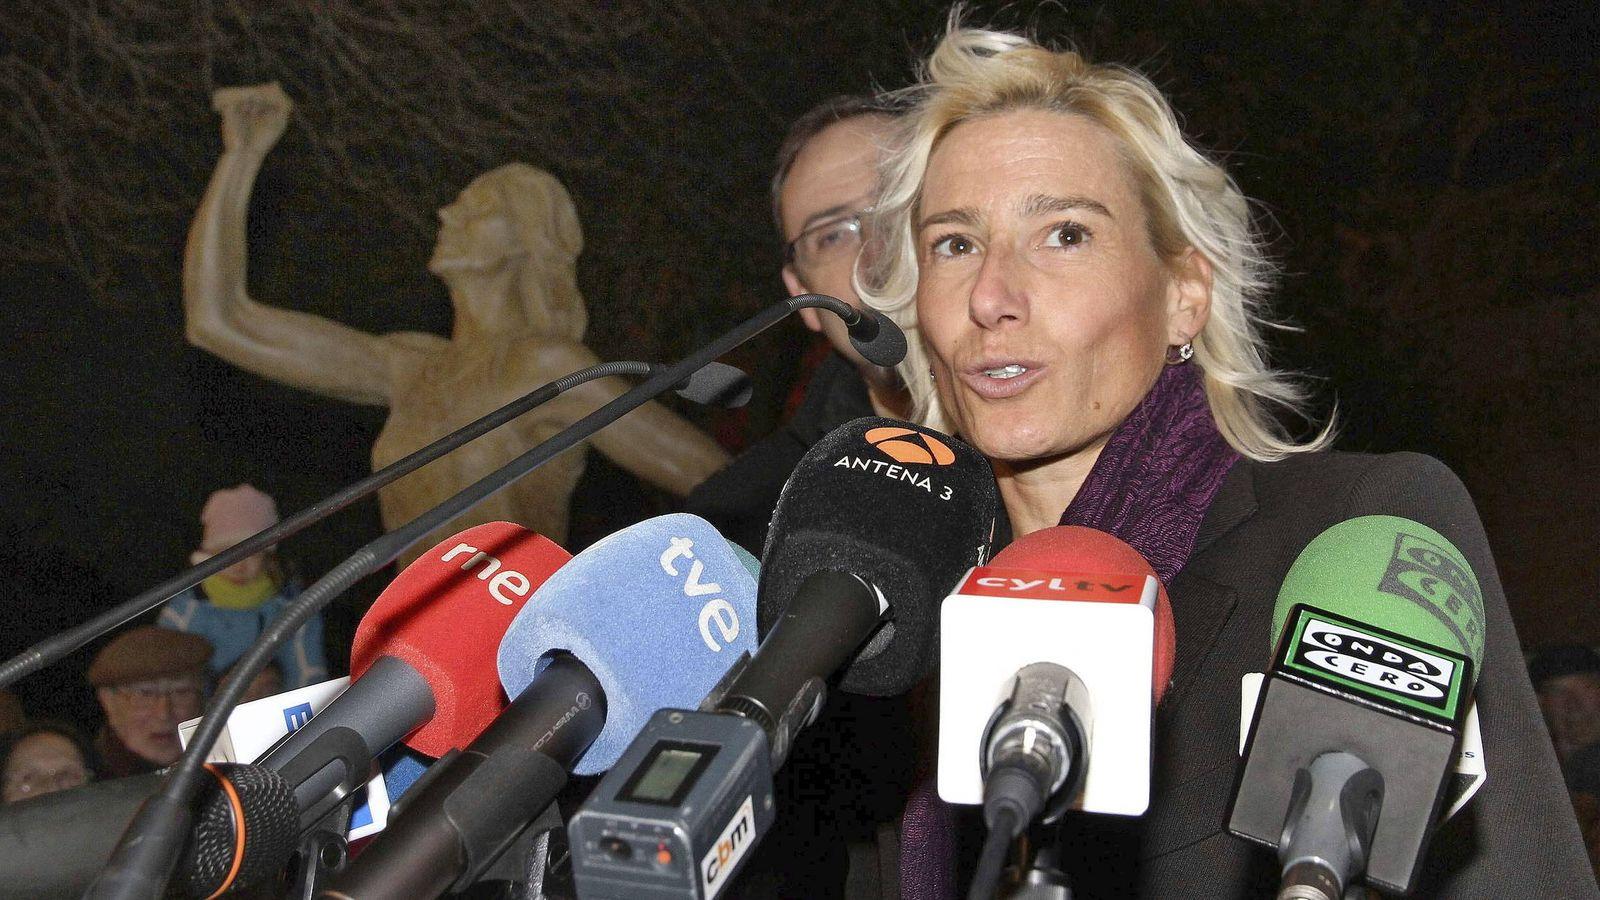 Foto: Marta Domínguez durante la inauguración de una escultura en su honor. (Bragimo/EFE)